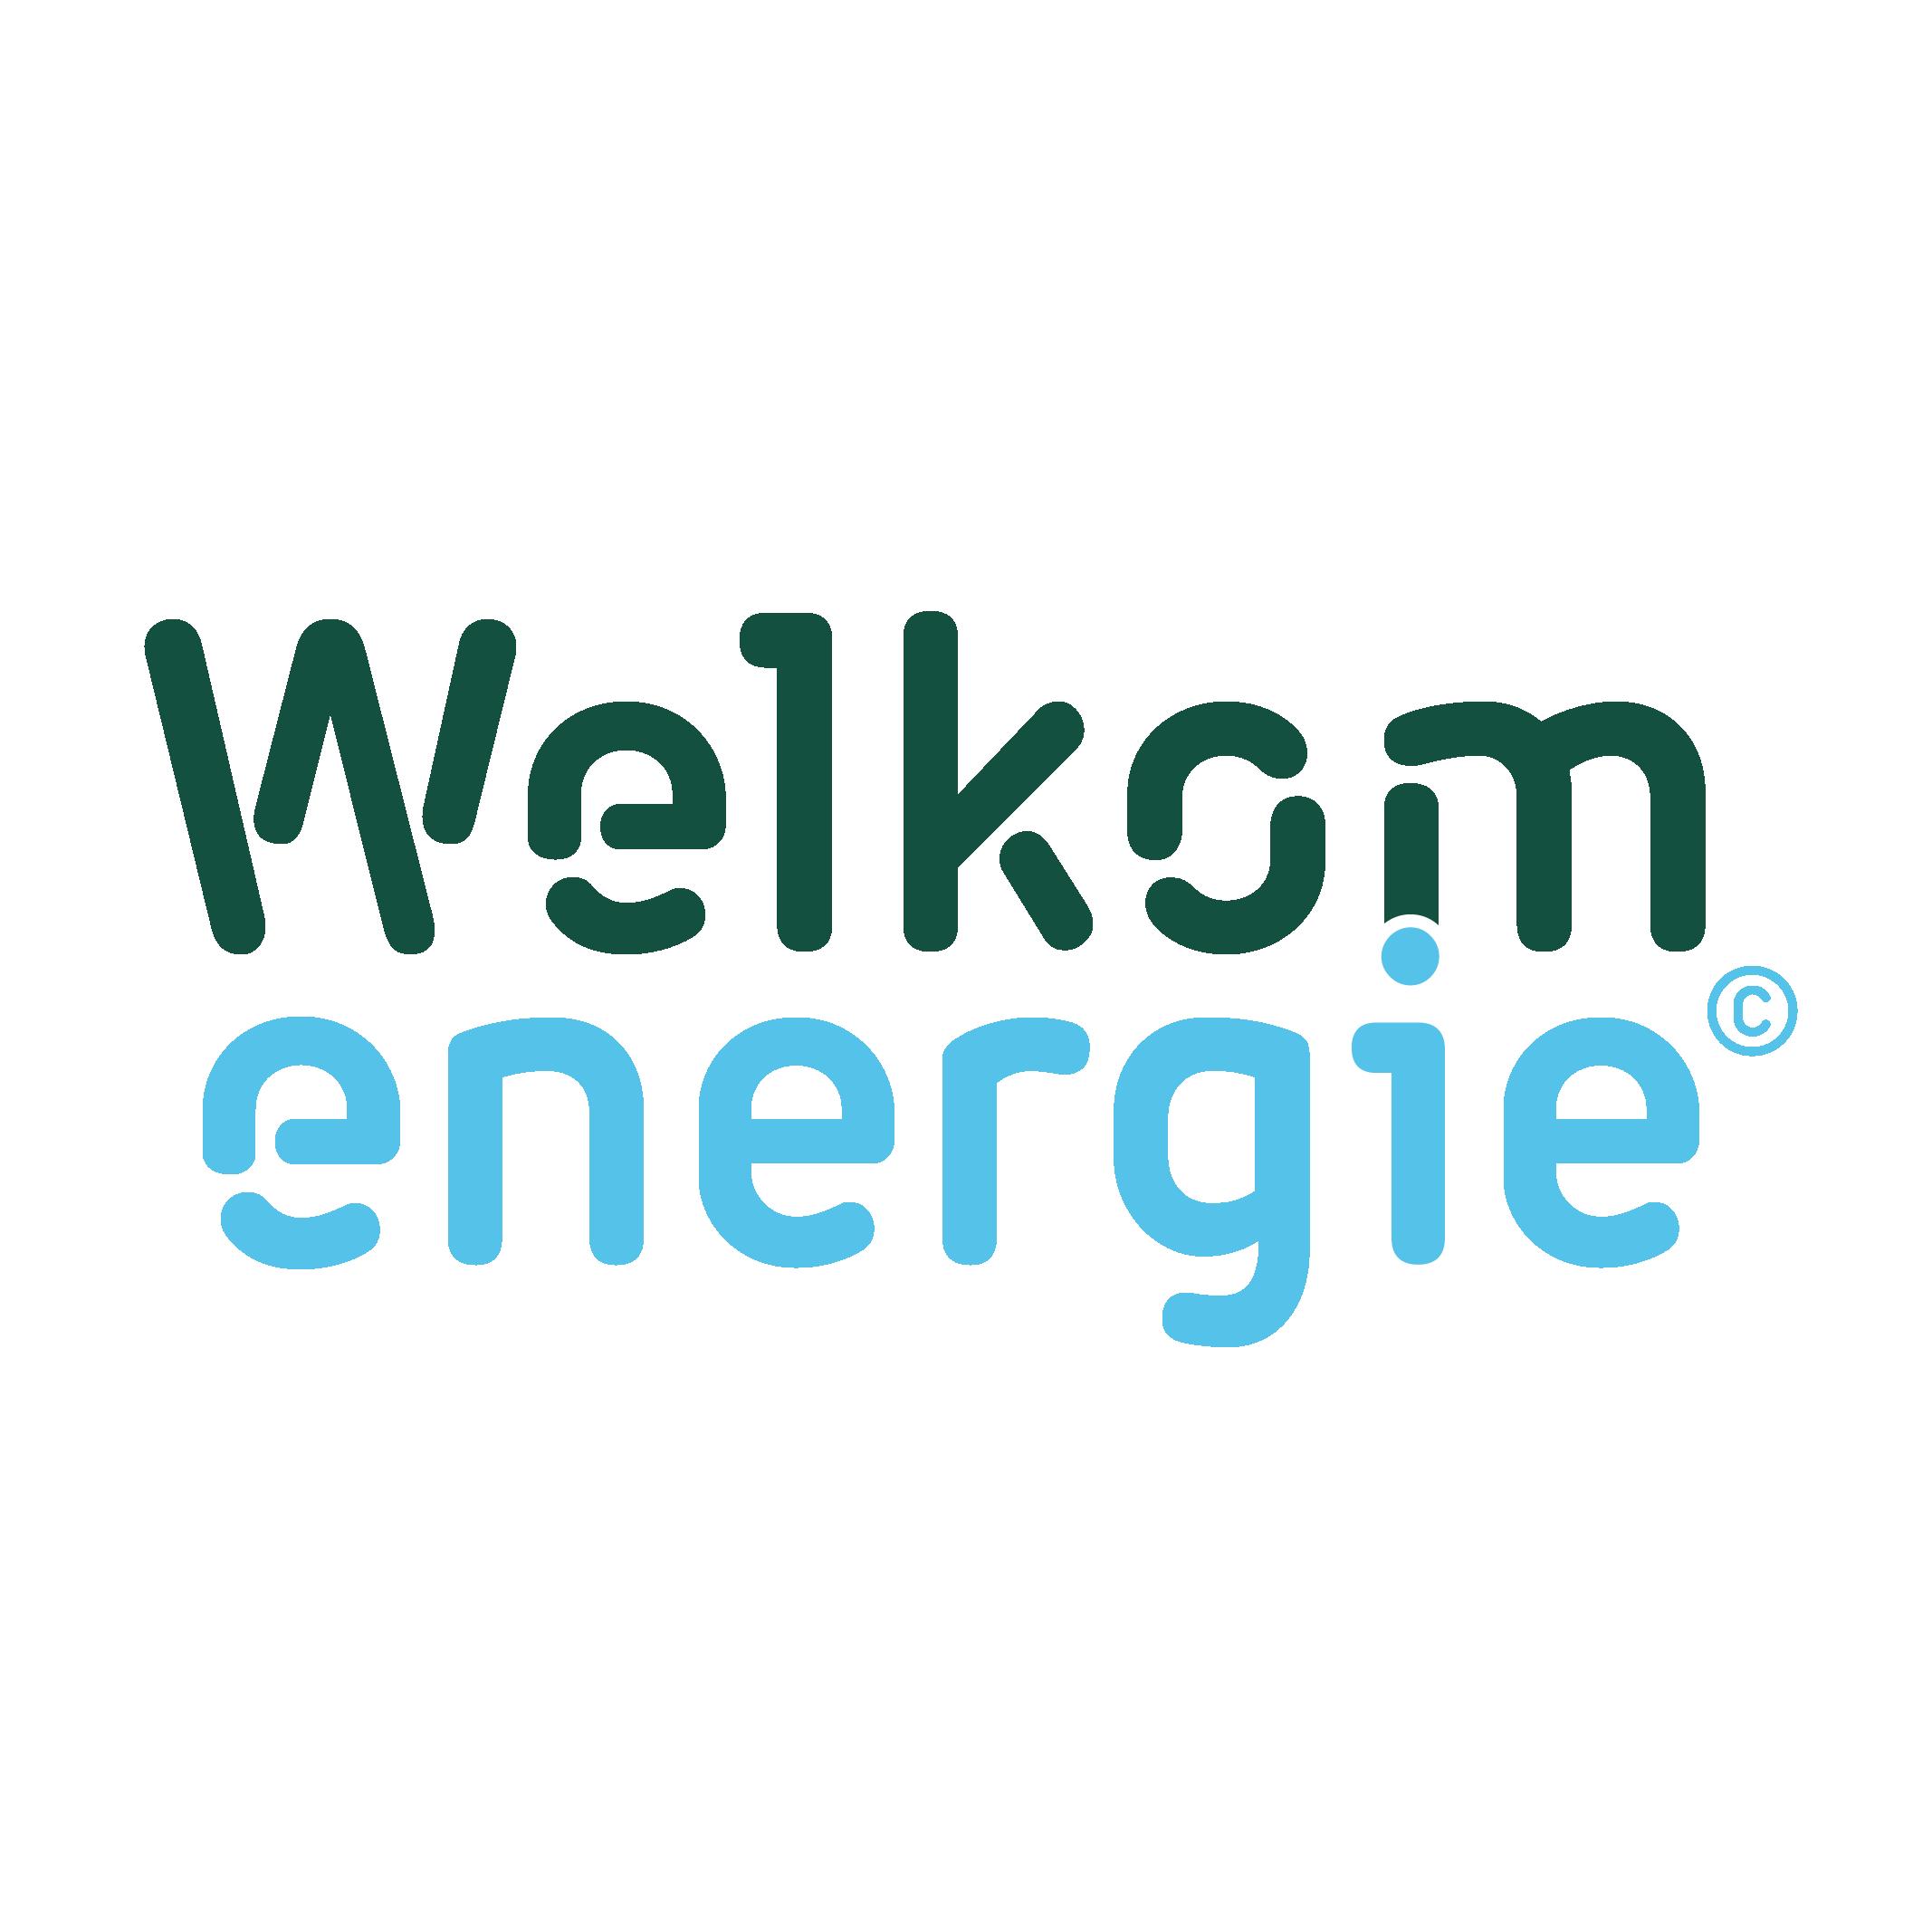 Welkom Energie